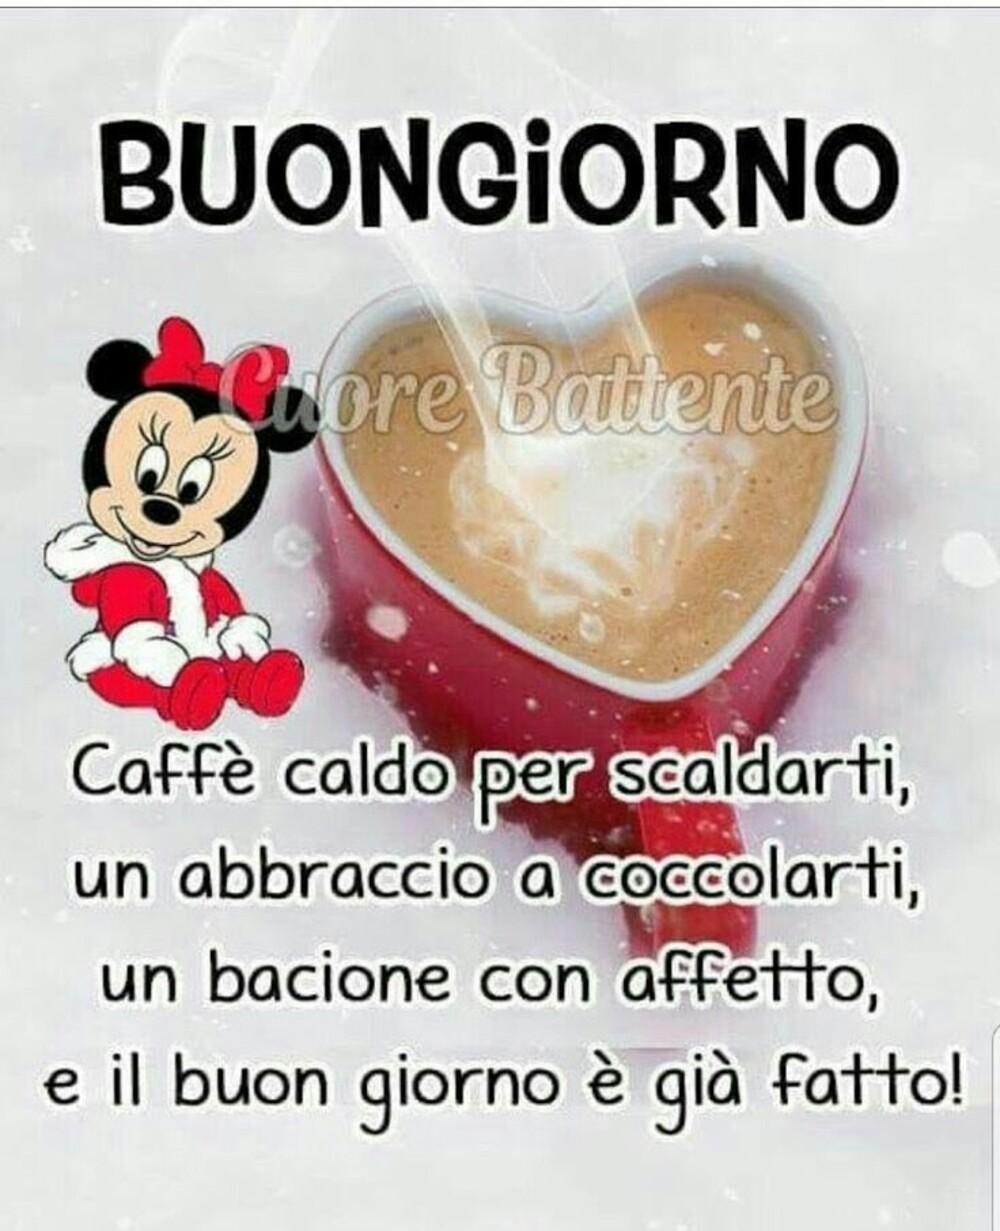 Buongiorno caffè caldo per scaldarti, un abbraccio a coccolarti, un bacione con affetto, e il buon giorno è già fatto!